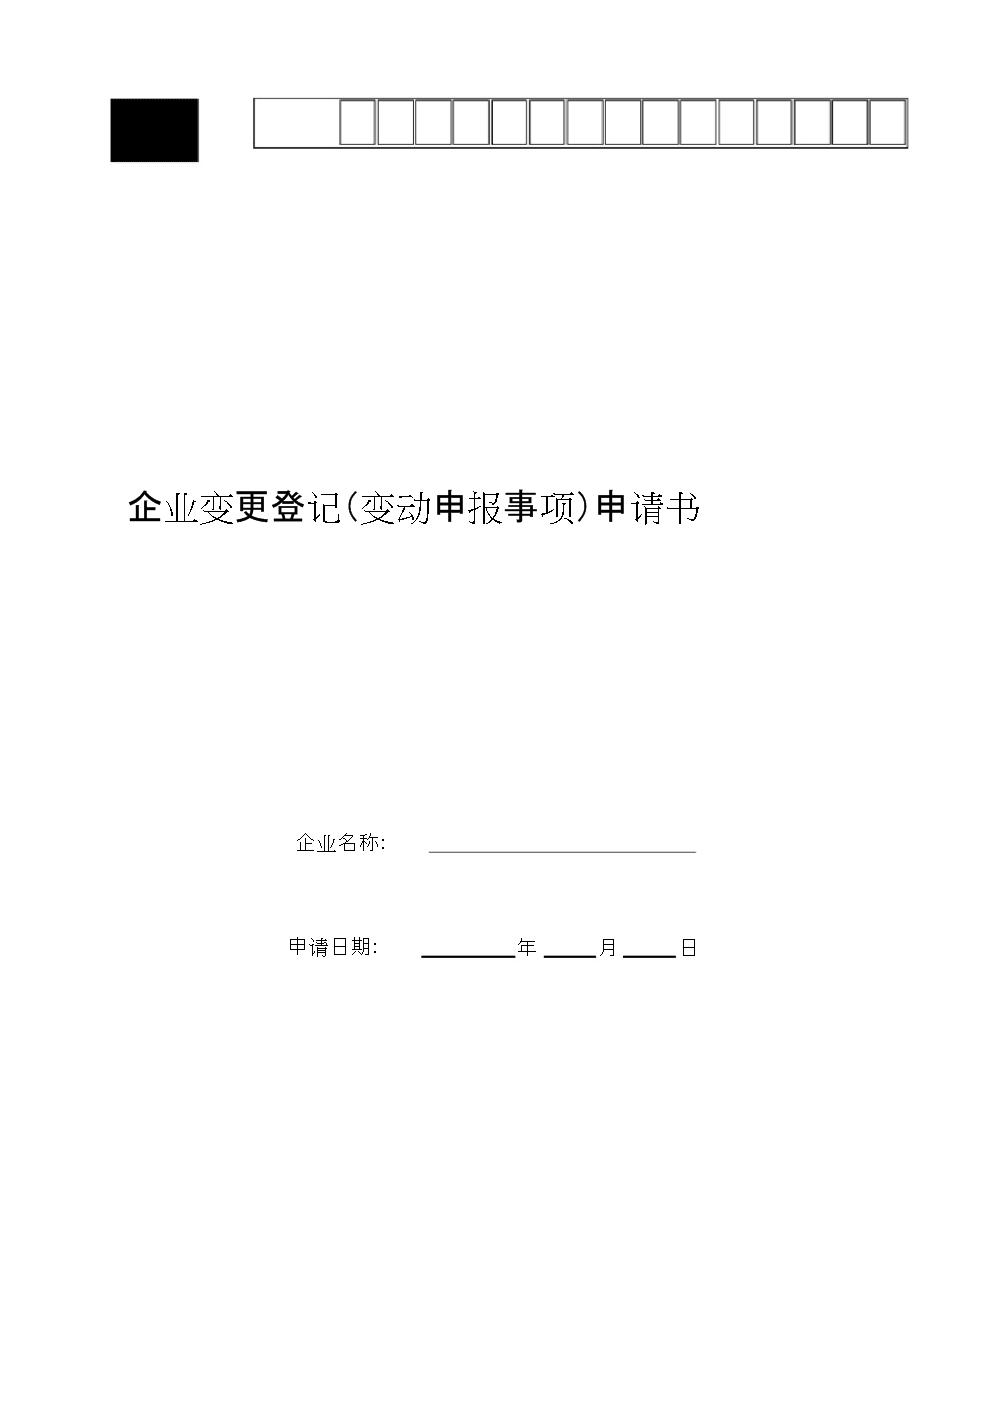 企业变更登记申请书(正文版).docx